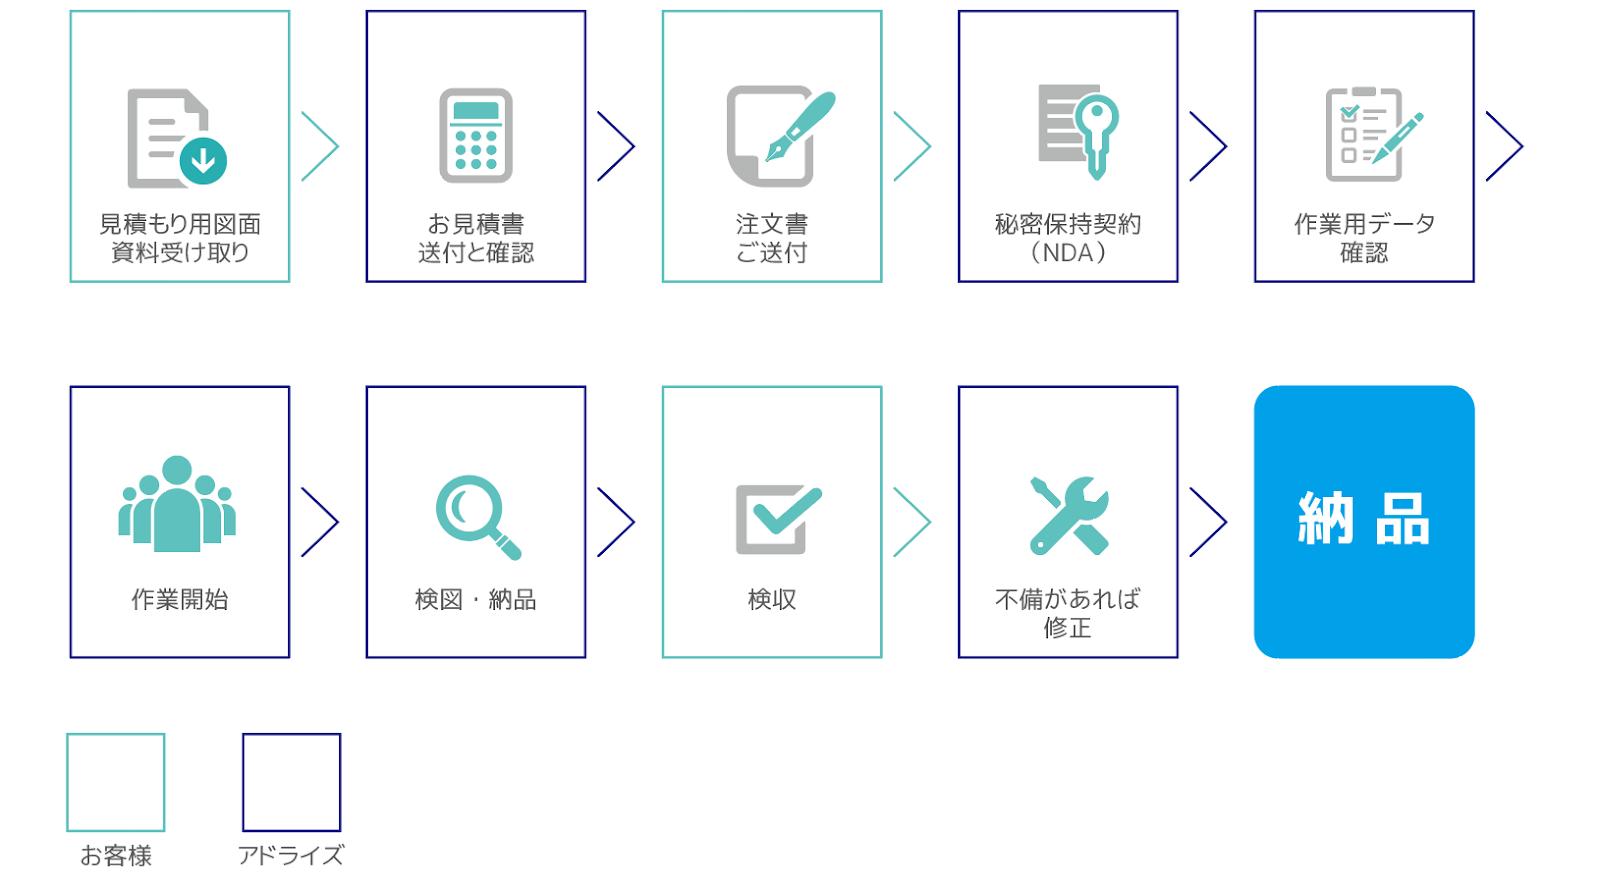 筐体設計委託・受託設計のステップを表す図。 ステップ1:お問い合わせ。メール、電話(tel)、faxなどでお気軽にご相談ください。 ステップ2:お打合せ。直接訪問、来社、オンライン会議システムなどでご要望をお伺いします。 ステップ3:お見積り ステップ4:ご注文 ステップ5:工業デザイン ステップ6:構造設計(板金設計) ステップ7:試作・製作・納品 ステップ8:立ち合い・検収・修正 ステップ9:最終納品